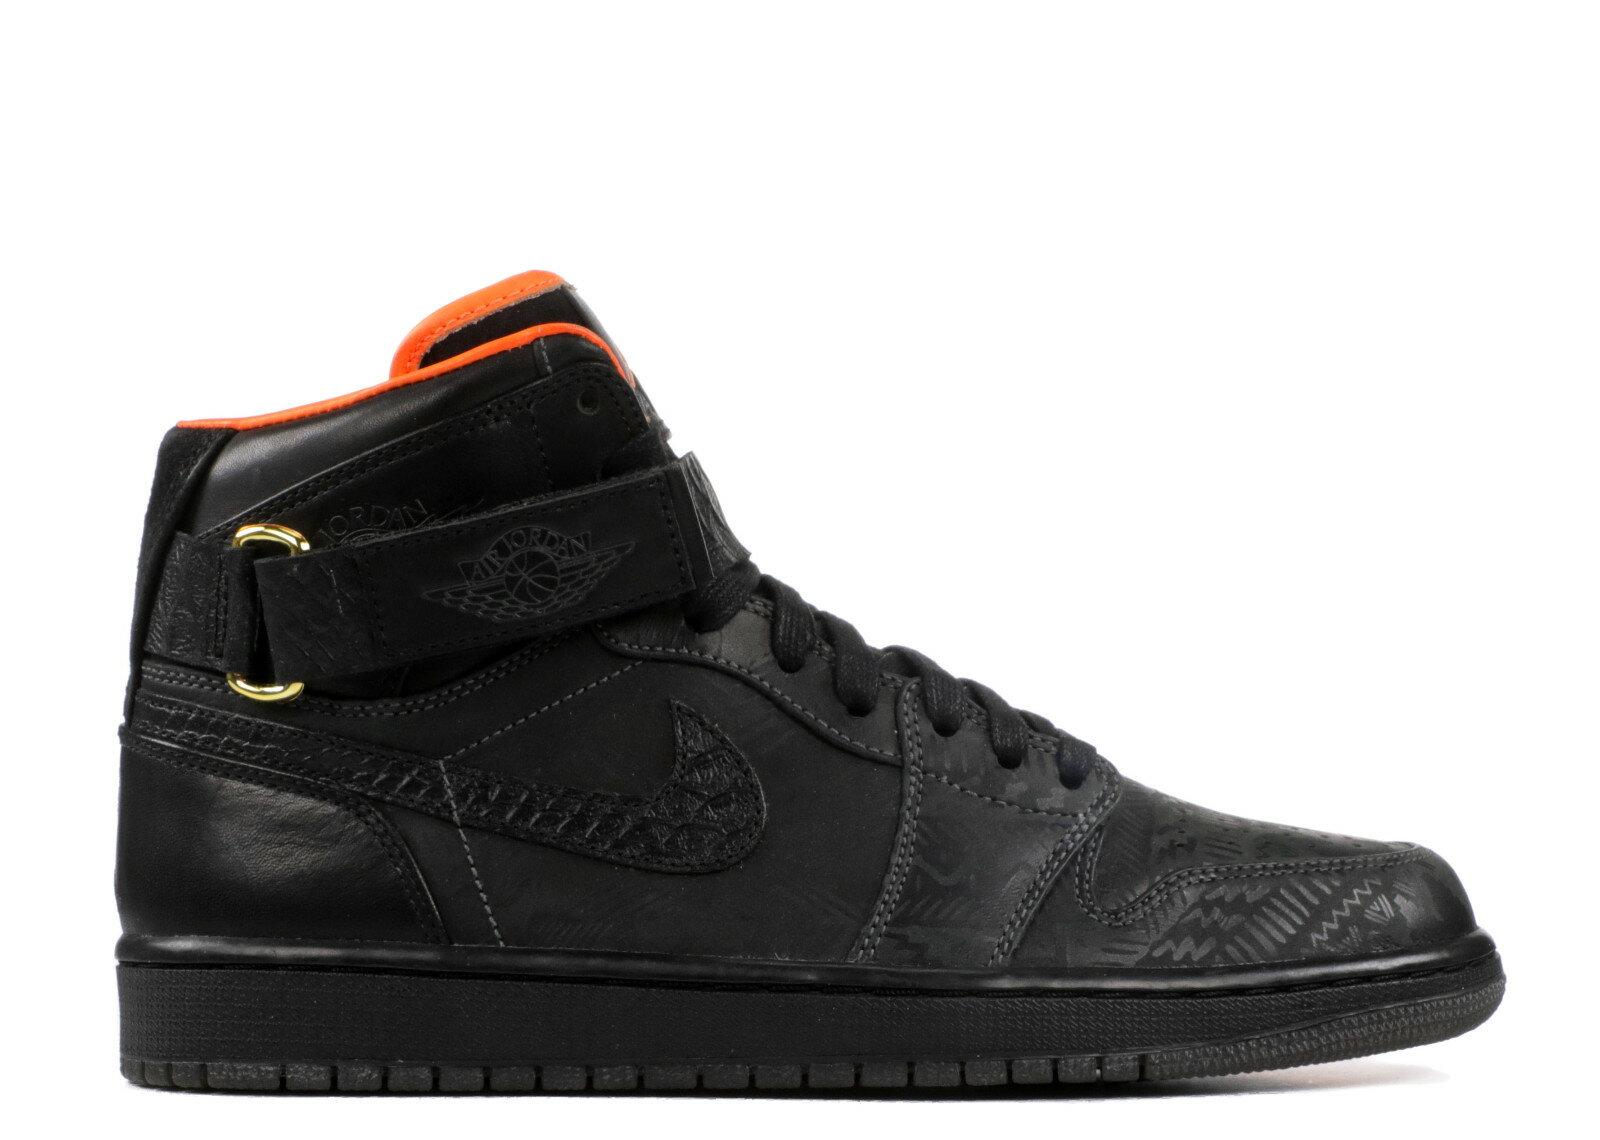 エアー ジョーダン ハイ ストラップ ジャスト メンズ 男性用 スニーカー メンズ靴 靴 【 AIR JORDAN 1 HIGH STRAP PROMO JUST DON BHM BLACK ANTHRACITEBLACK 】